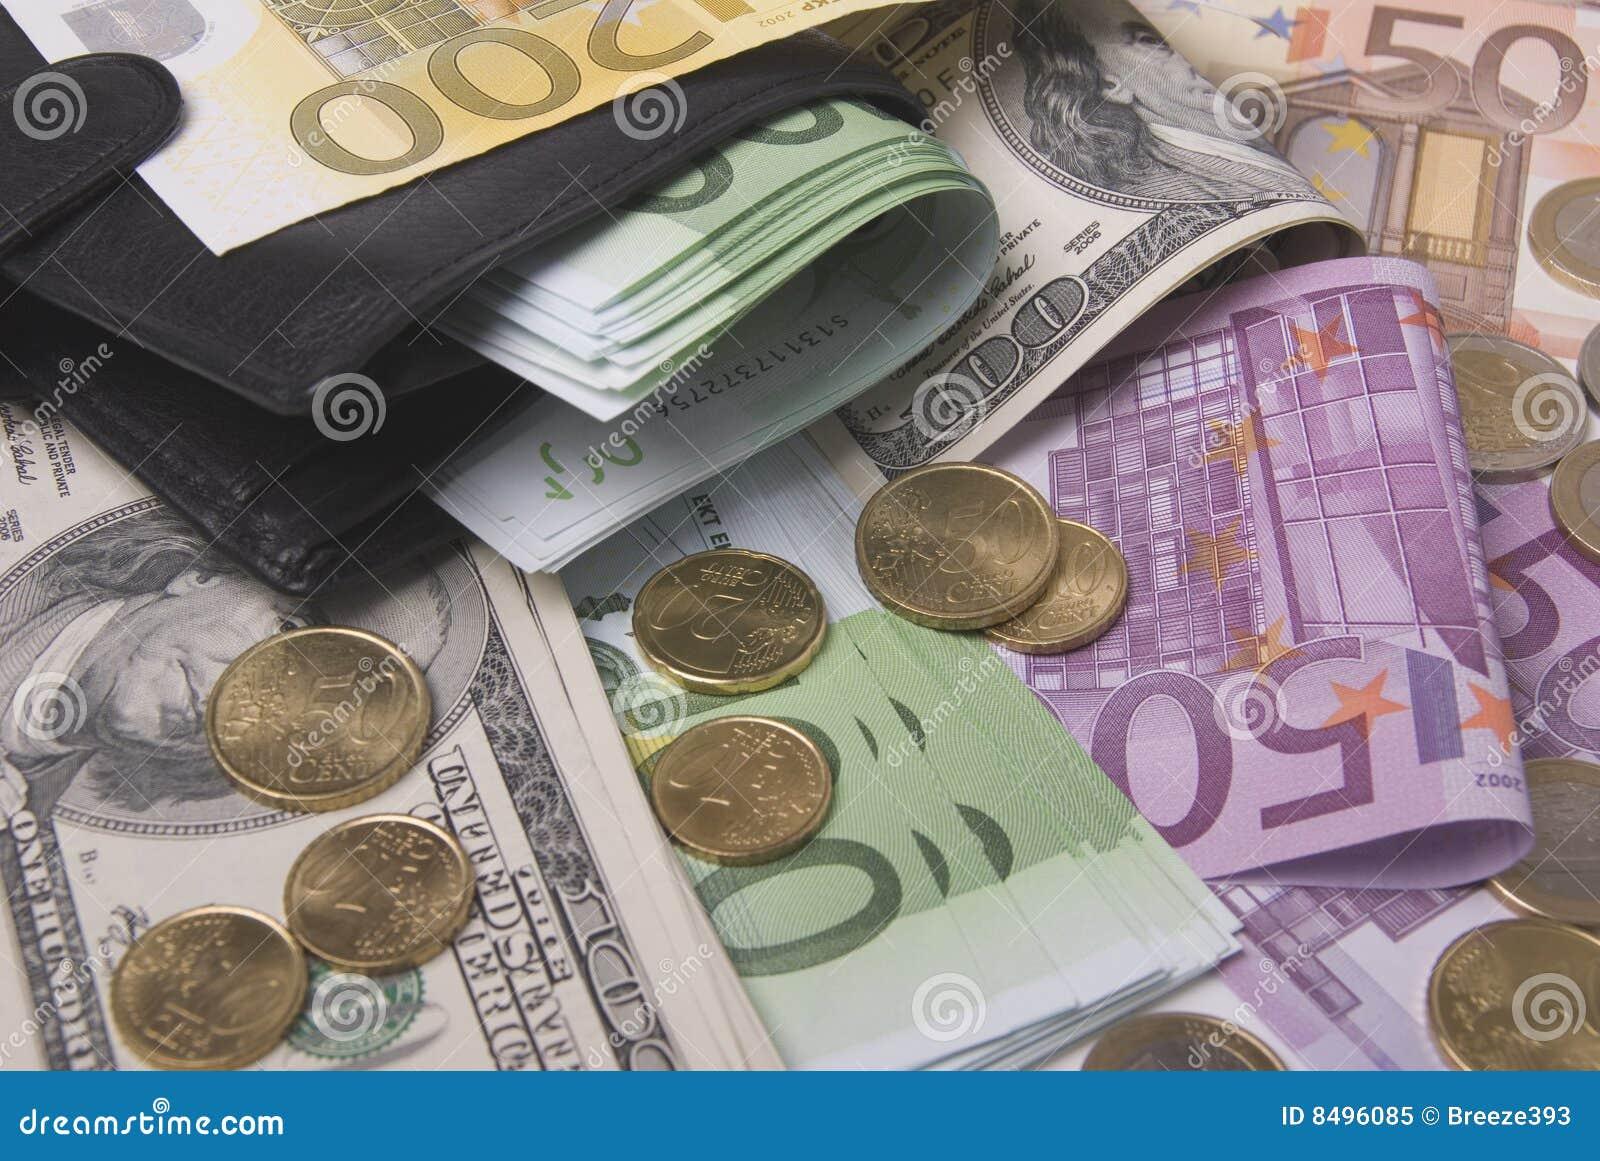 Dinheiro e bolsa